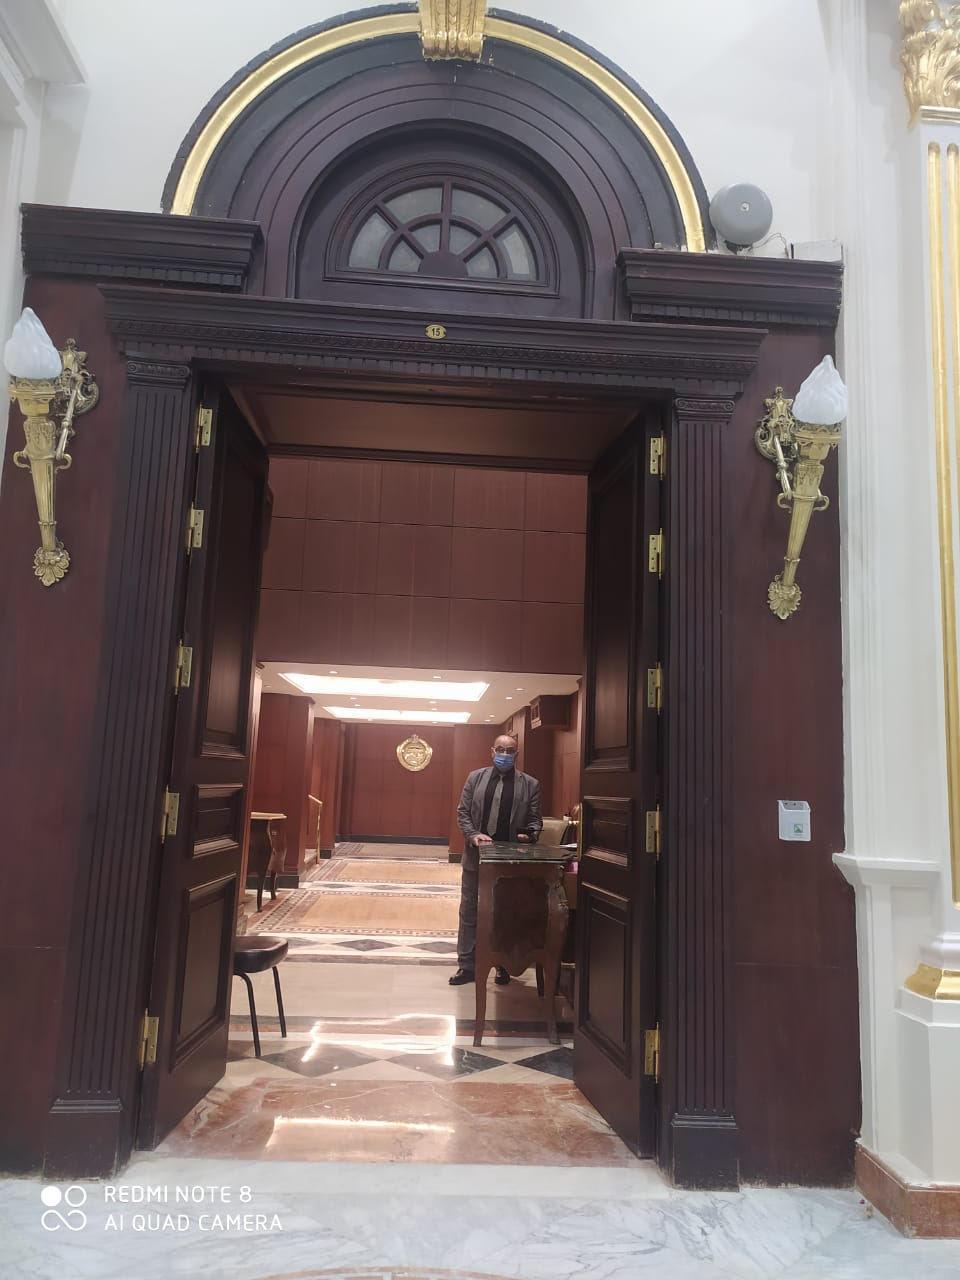 اللمسات الاخيره« للشيوخ »بعد تجديده لعقد جلساته غدا واستقبال اعضائه الجدد